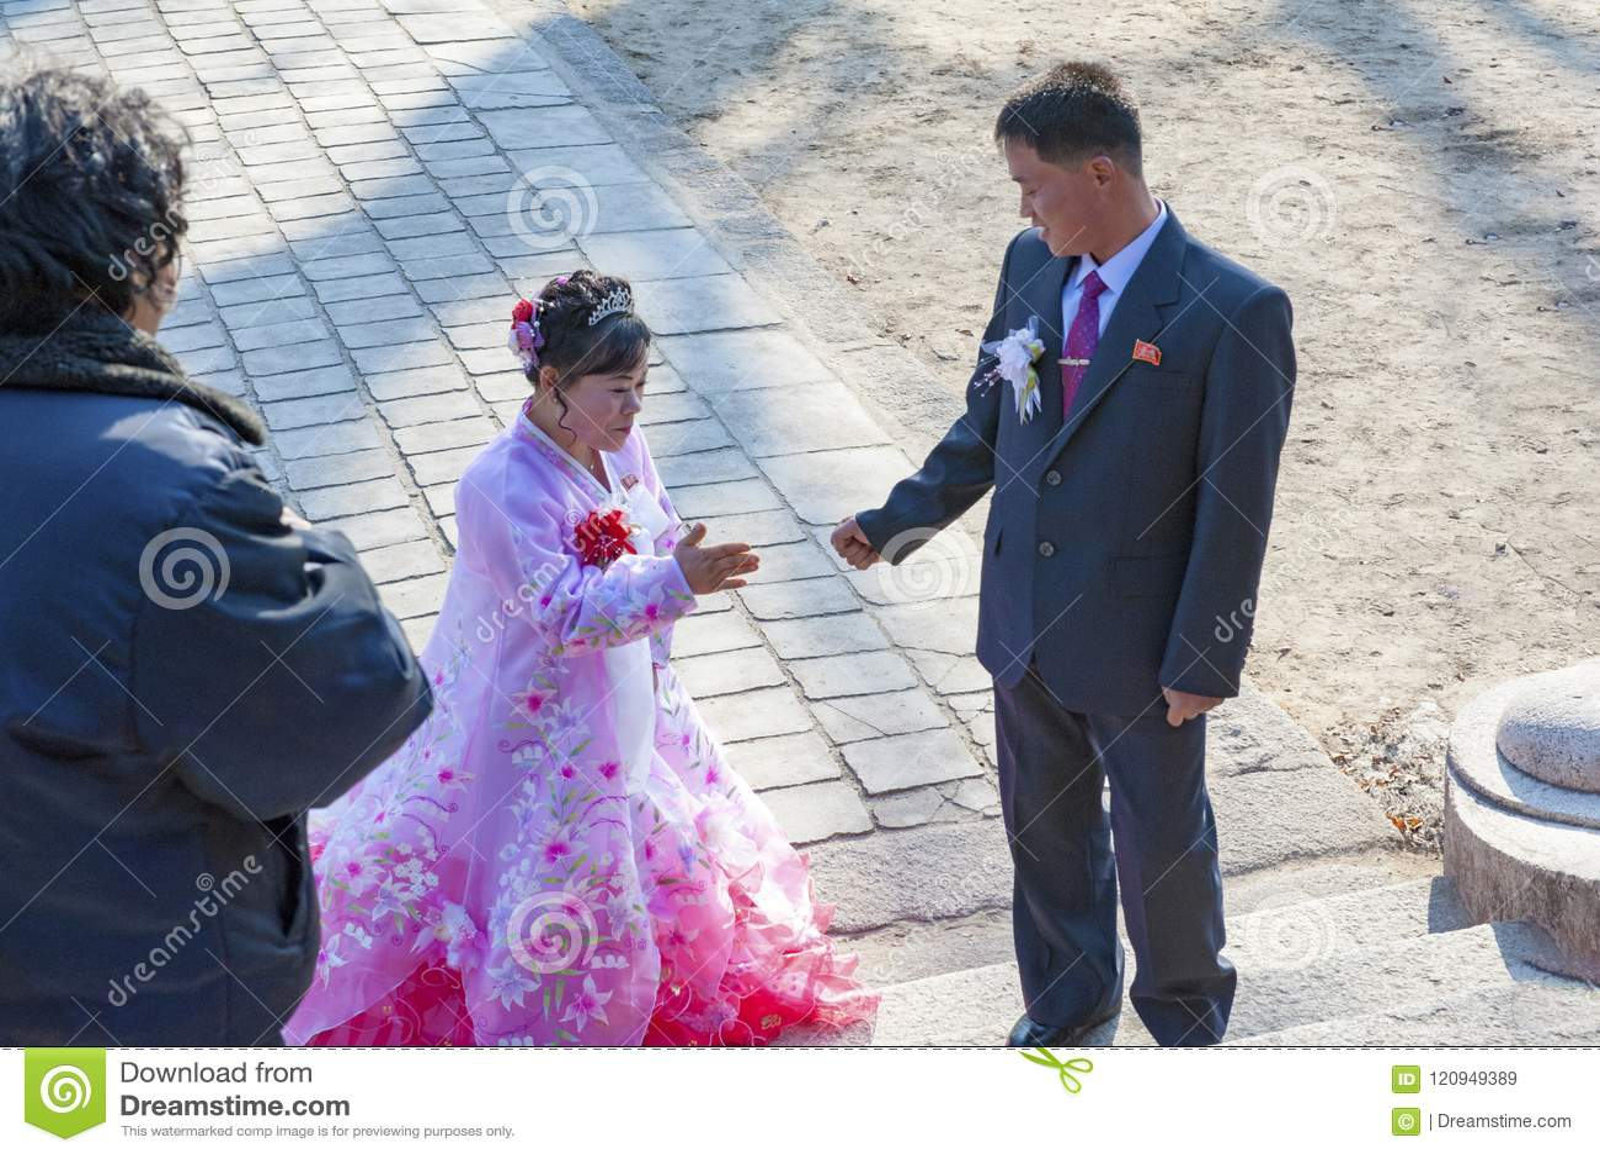 Le mariage de Kaesong Cheng Jun Museum, Corée du Nord